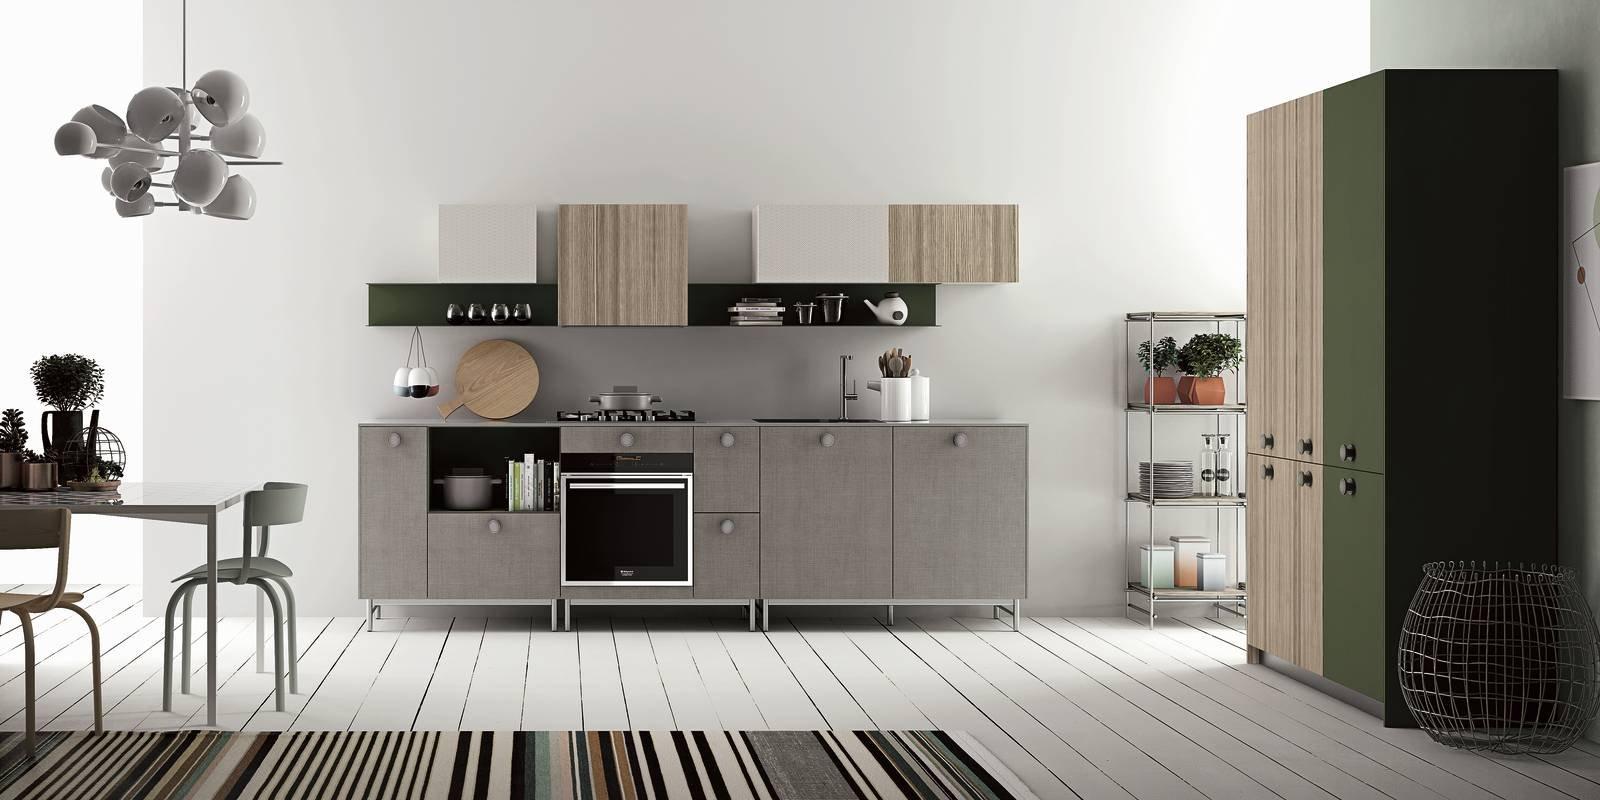 Come allestire una cucina piccola, funzionale e di design - Blog - Design 360 Roma